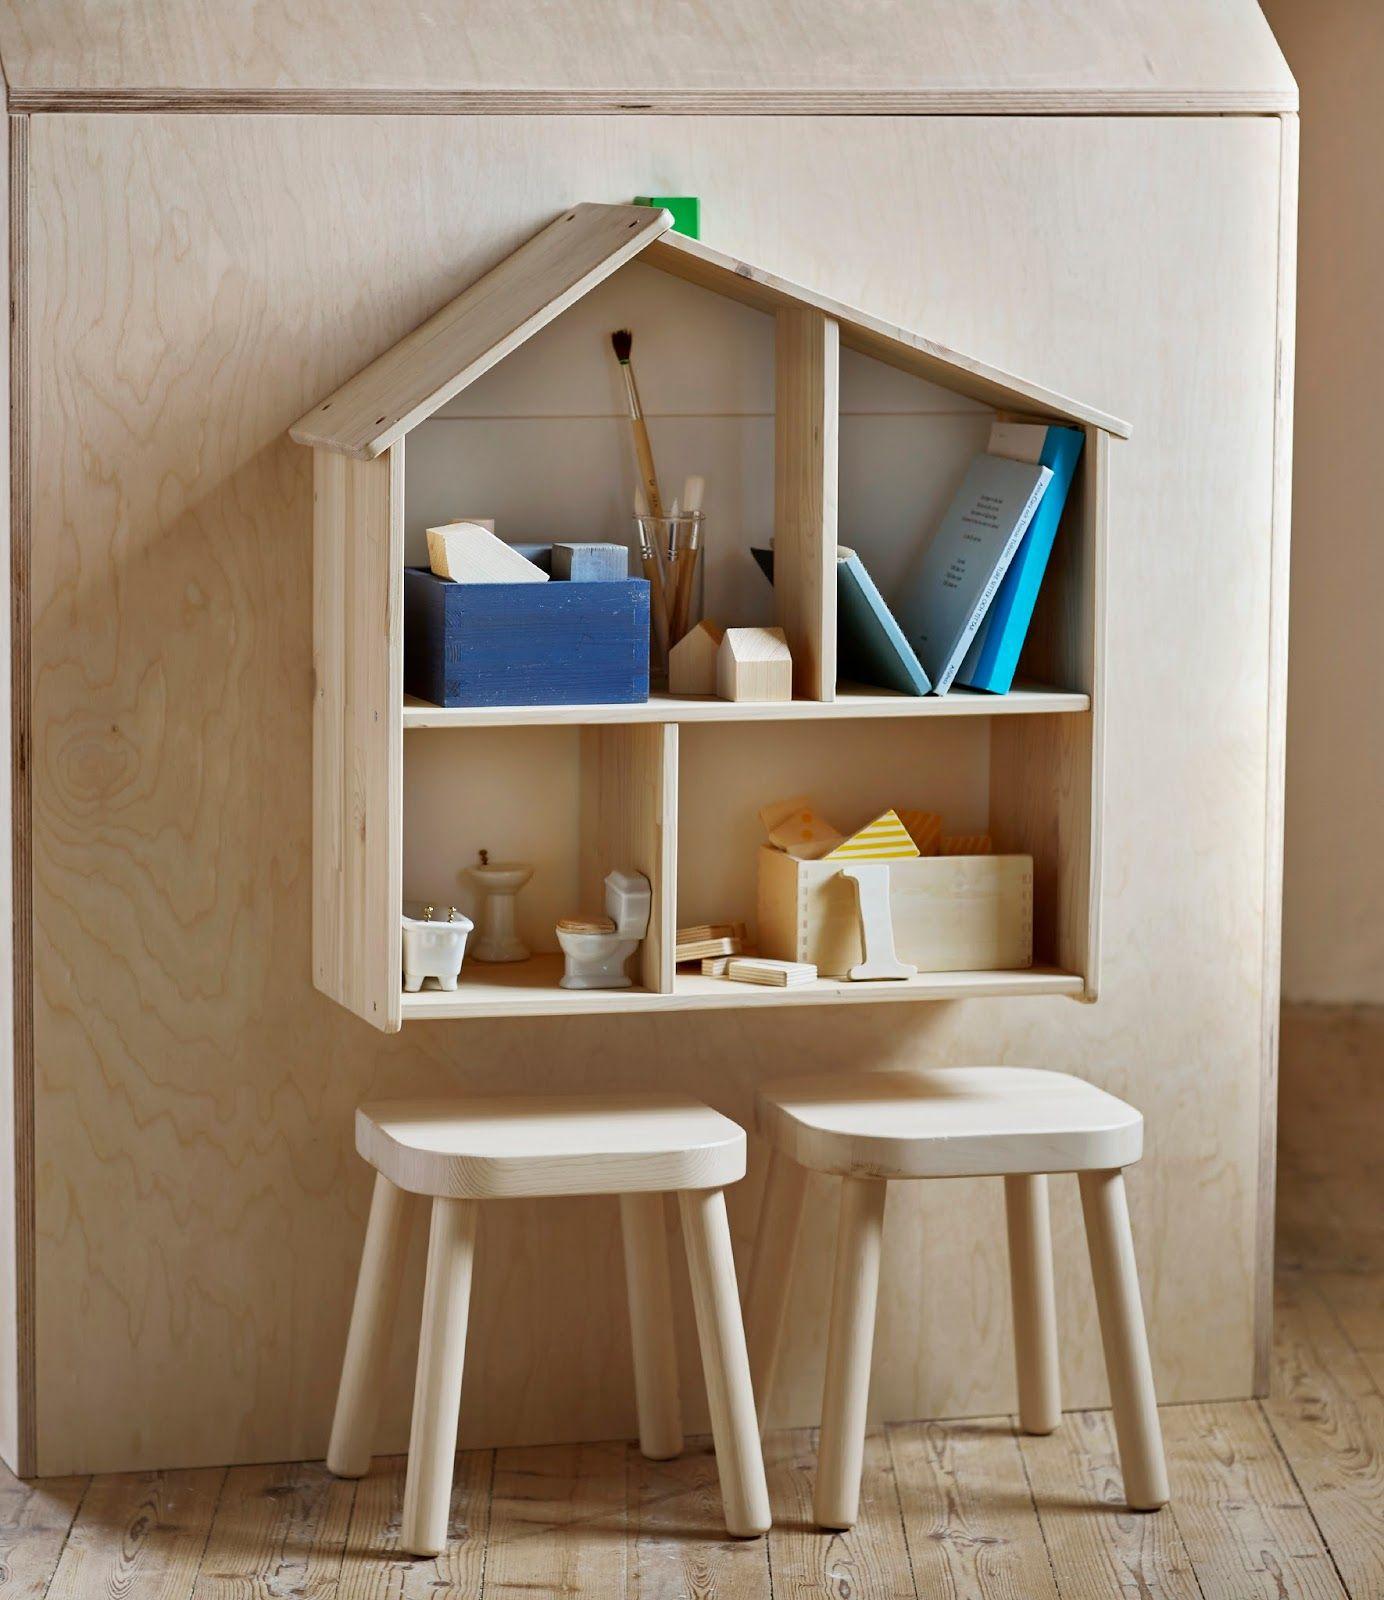 Ikea flisat la nueva colecci n de mobiliario infantil - Ikea mobiliario infantil ...